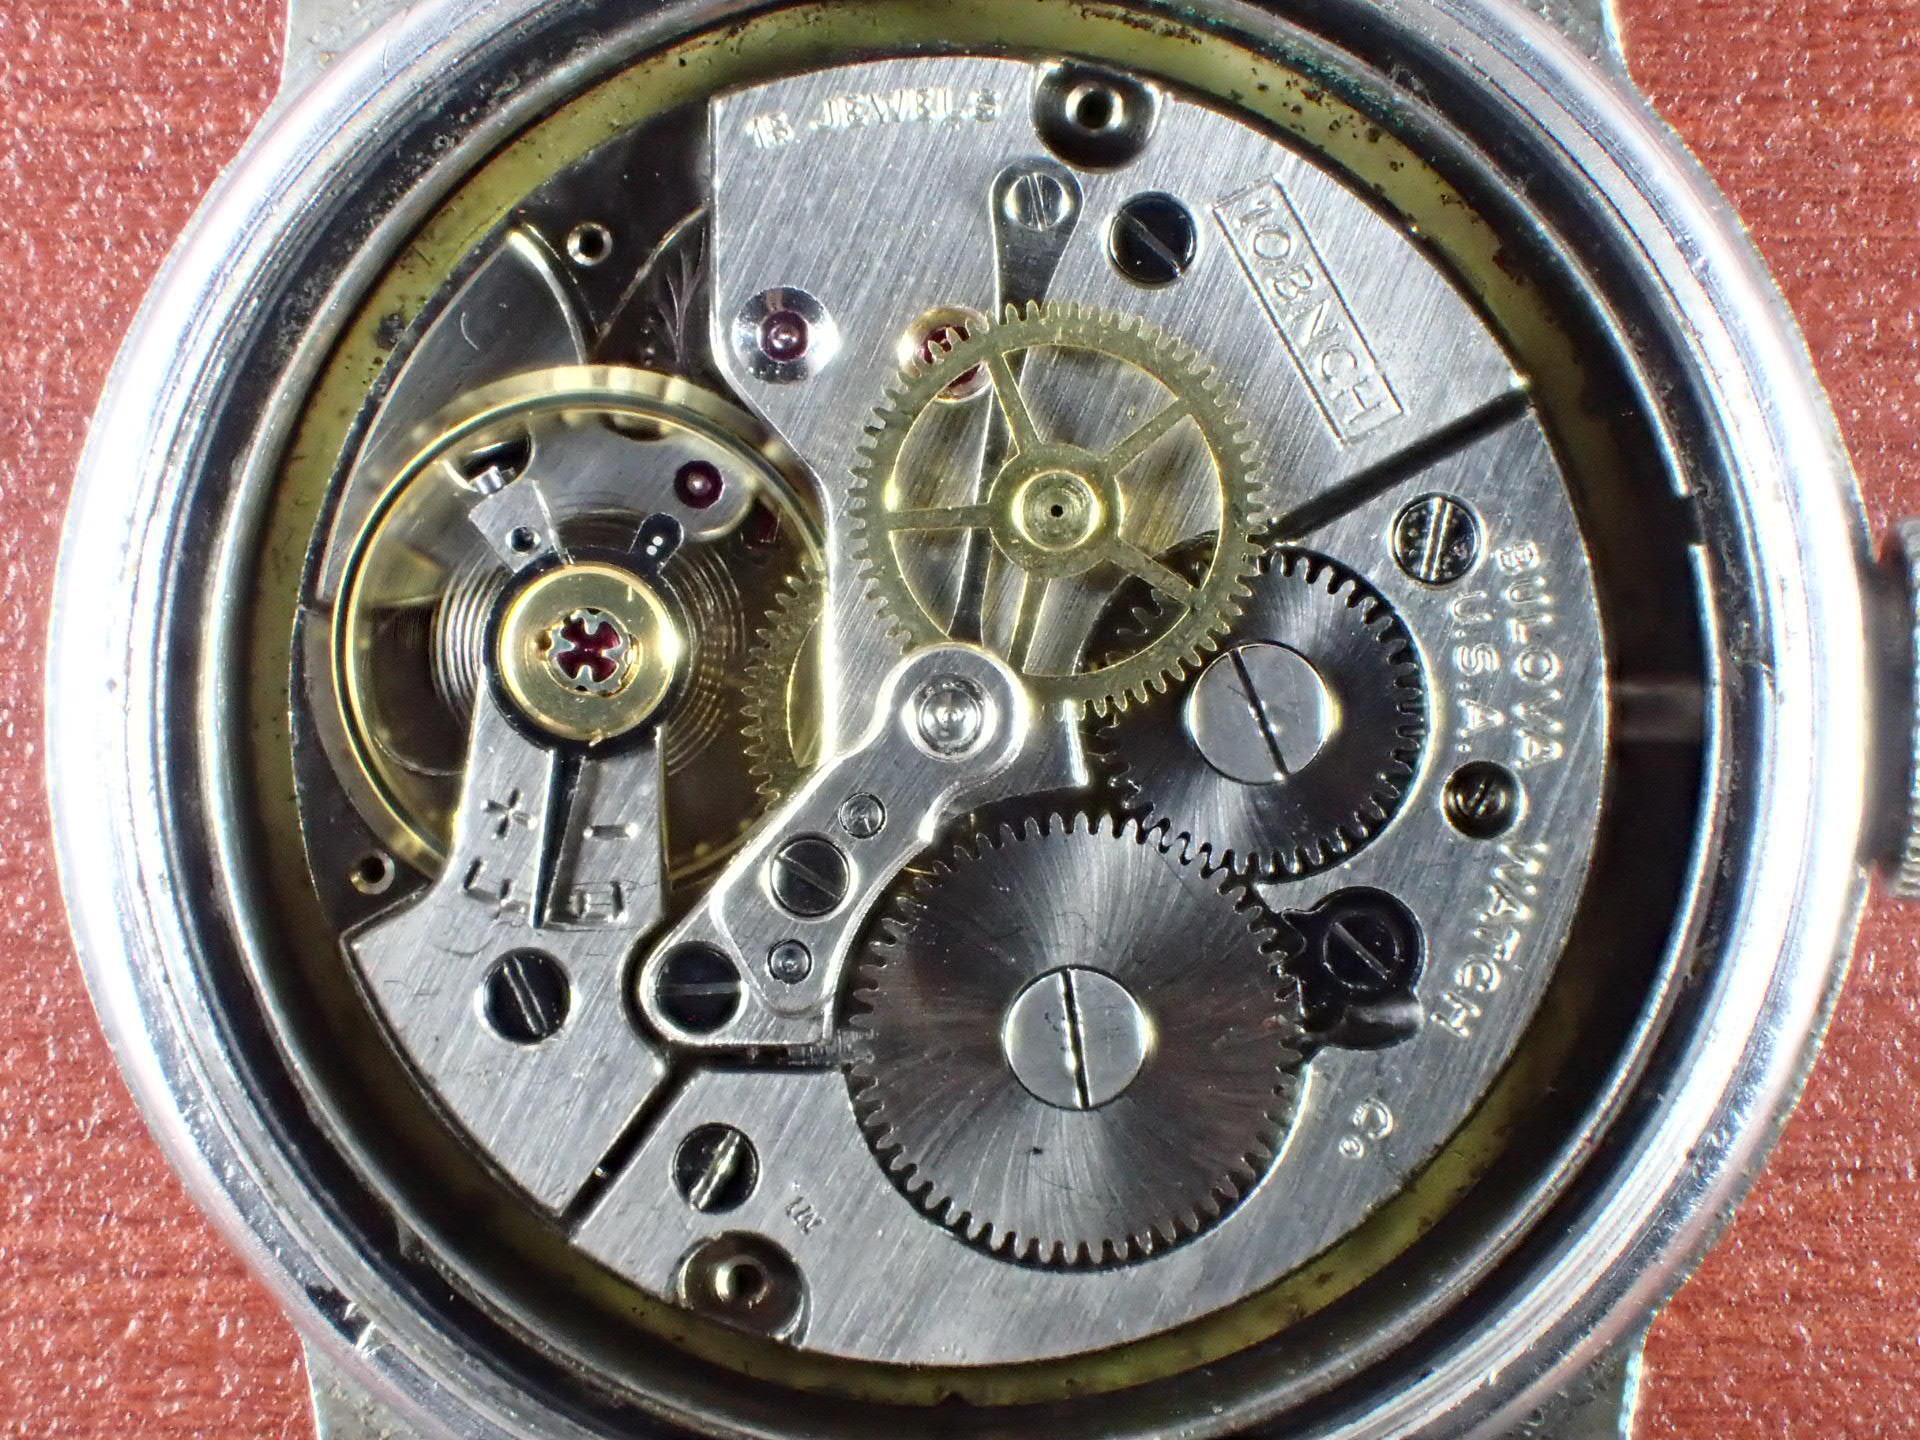 ブローバ 軍用時計 米軍 MIL-W-3818A 1960年代の写真5枚目